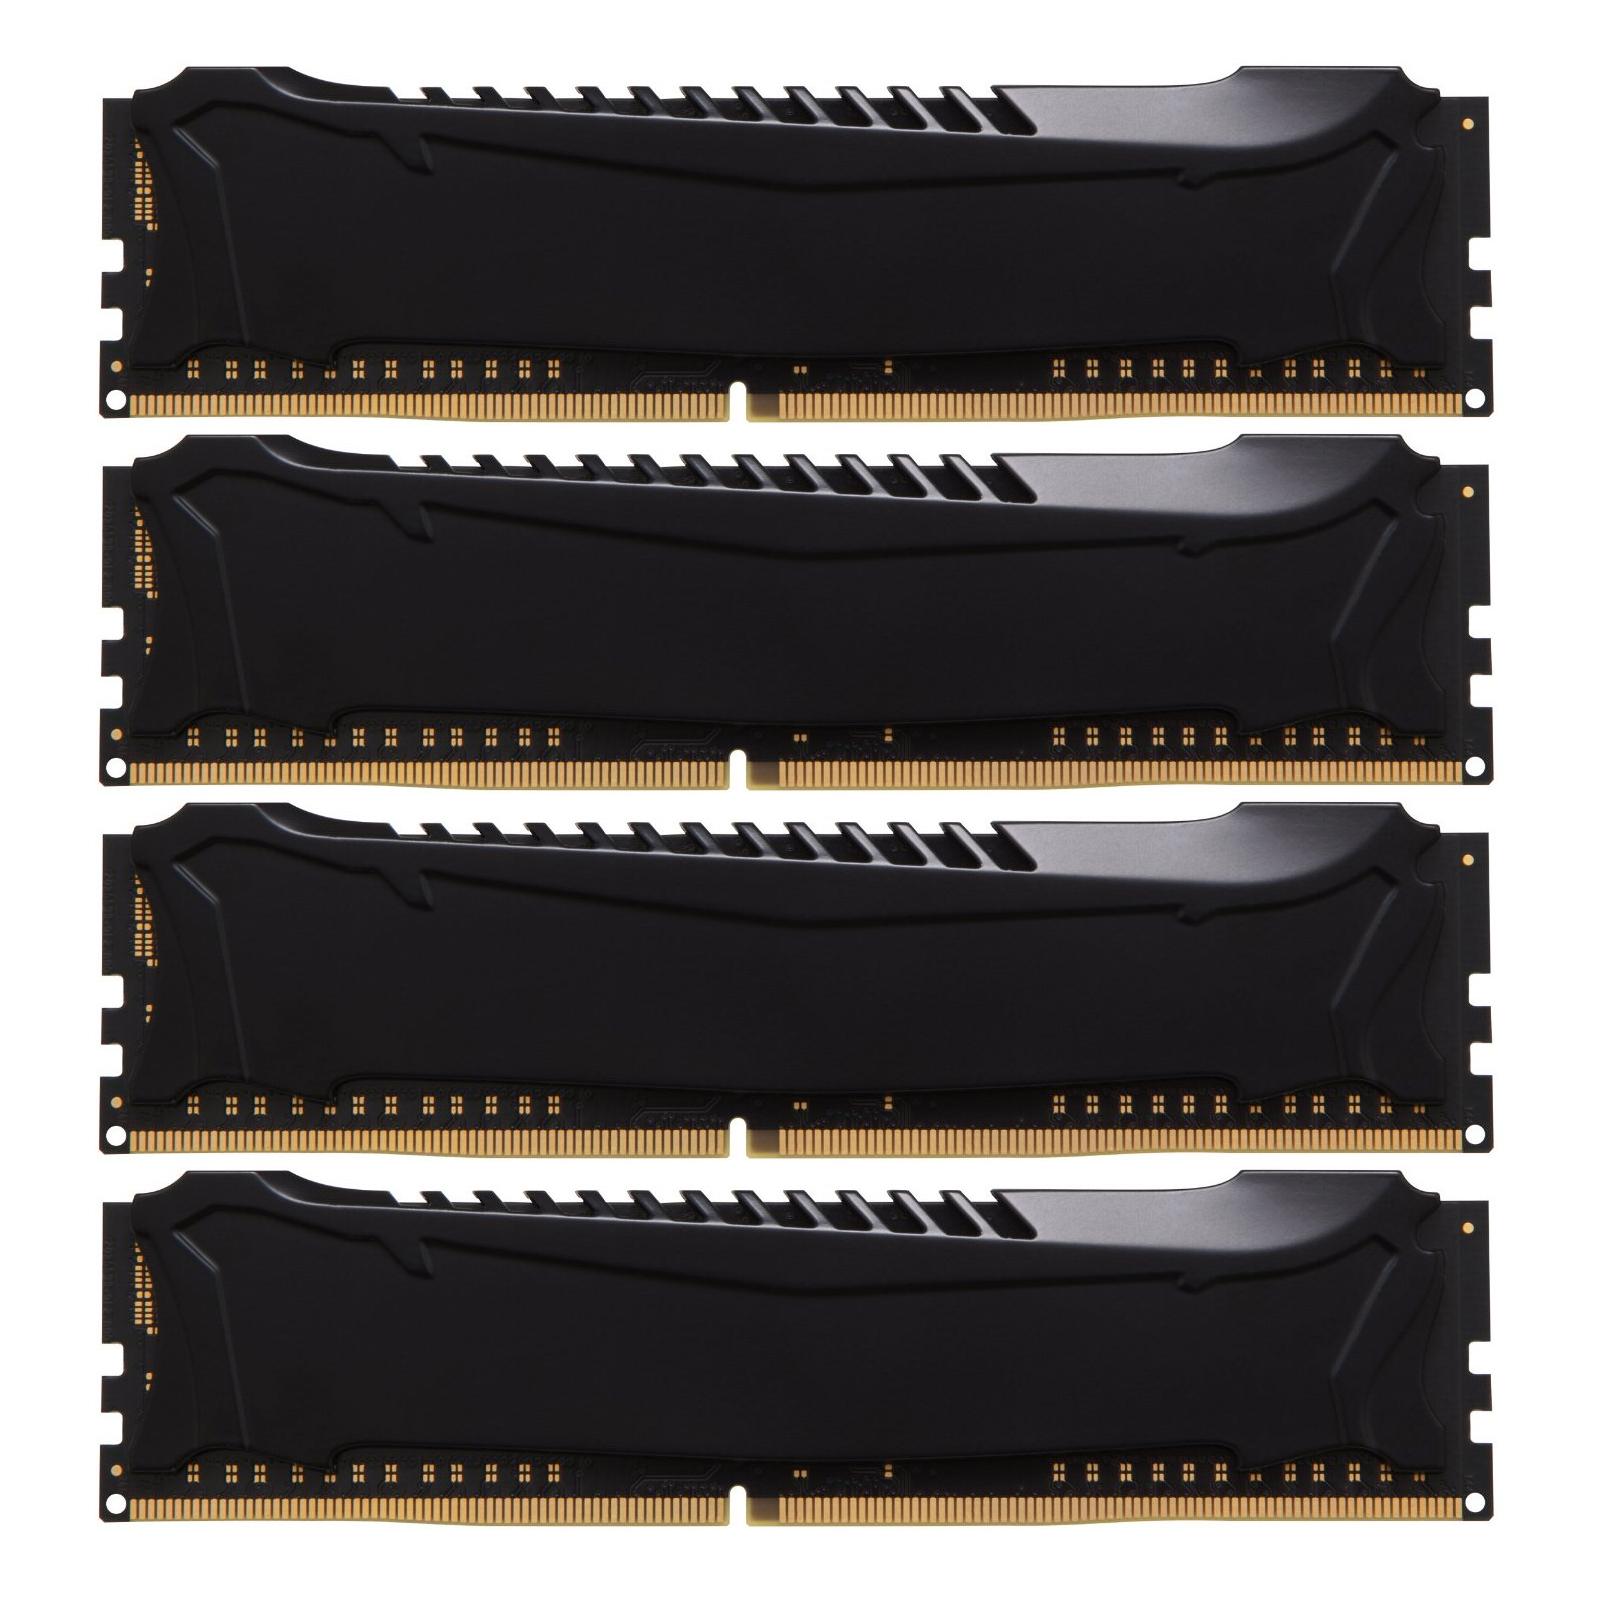 Модуль памяти для компьютера DDR4 32GB (4x8GB) 2133MHz Savage Blak Kingston (HX421C13SBK4/32) изображение 3